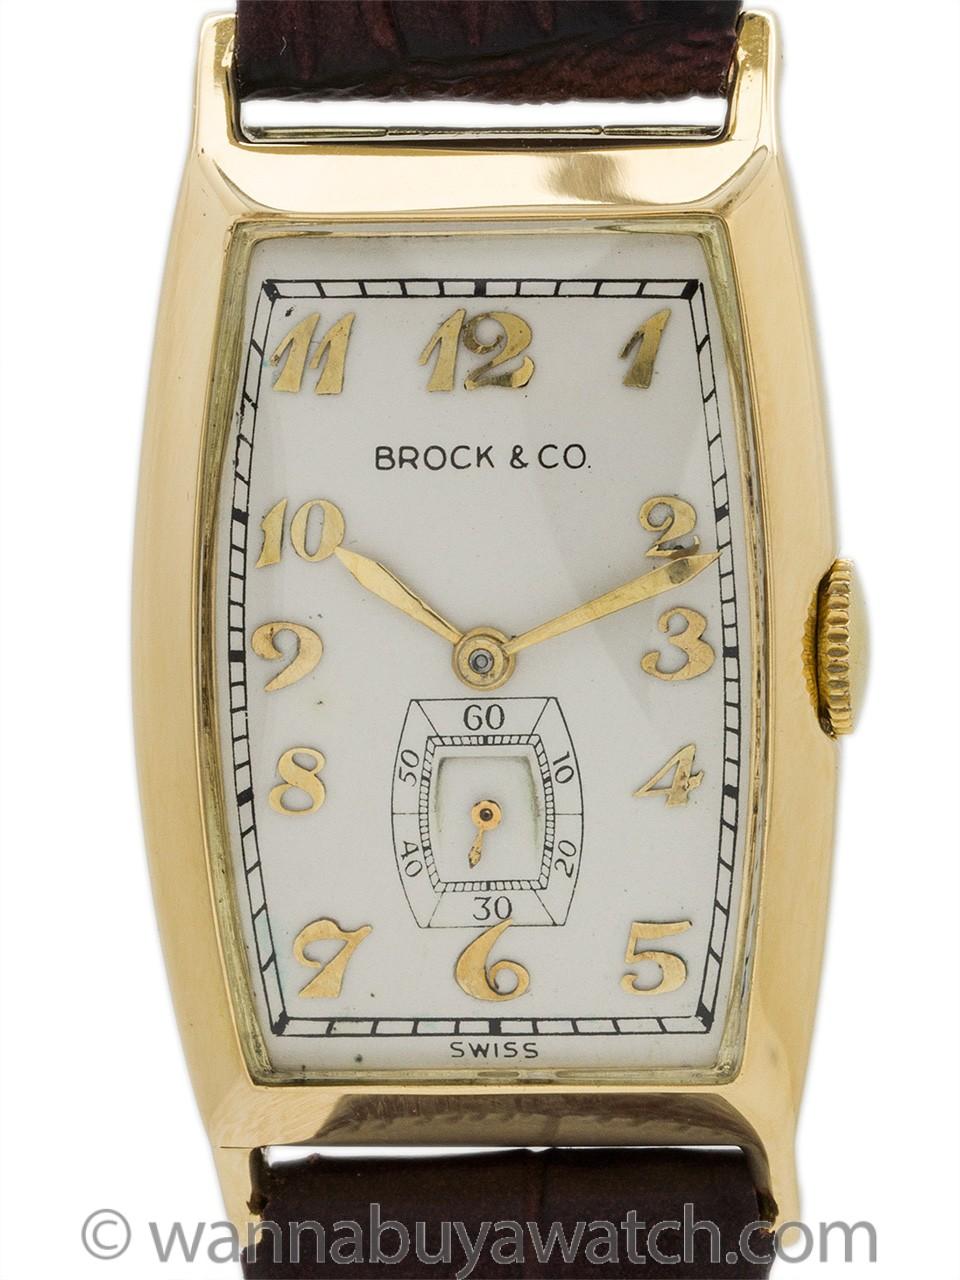 Brock & Co retailer Movado 14K YG circa 1940s